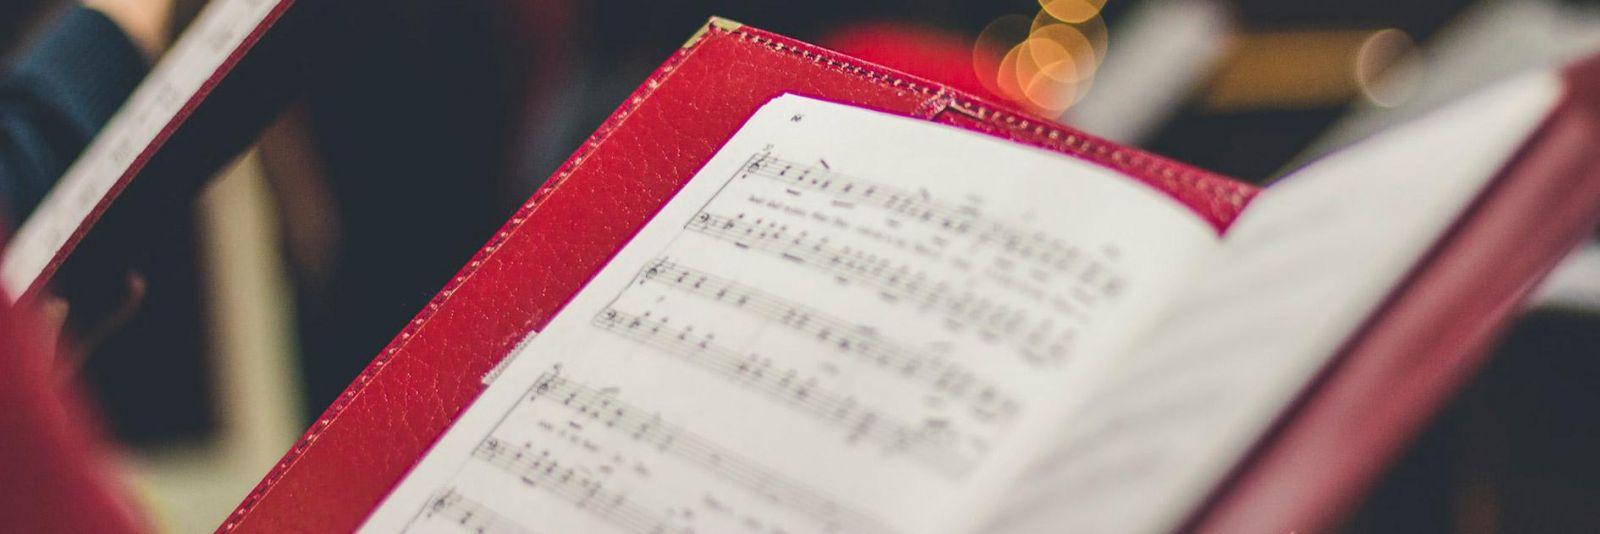 Music in folder